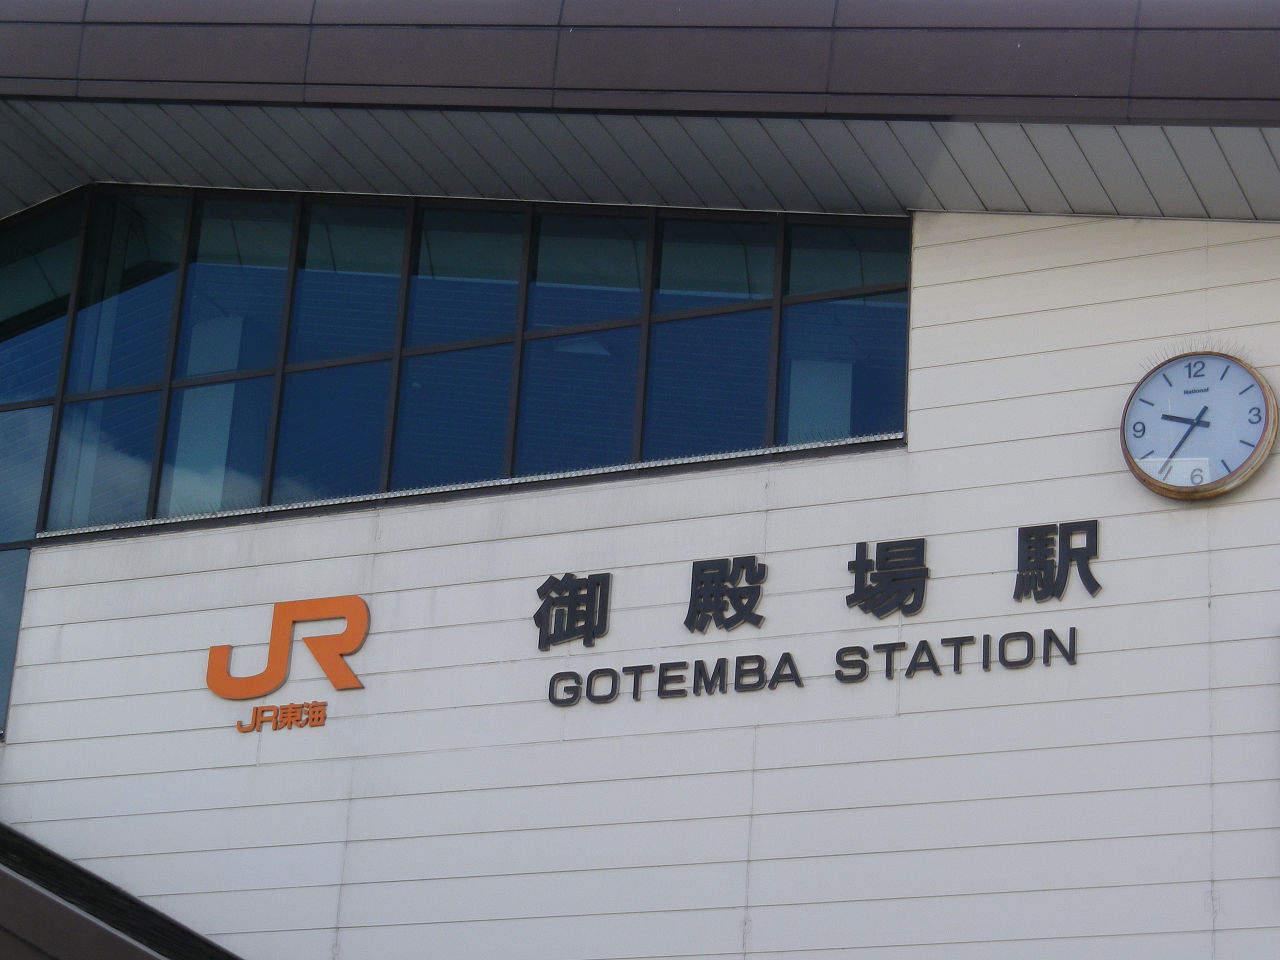 自転車の 東京 富士山 自転車 ルート : チャリ旅スレ】自転車で富士山 ...